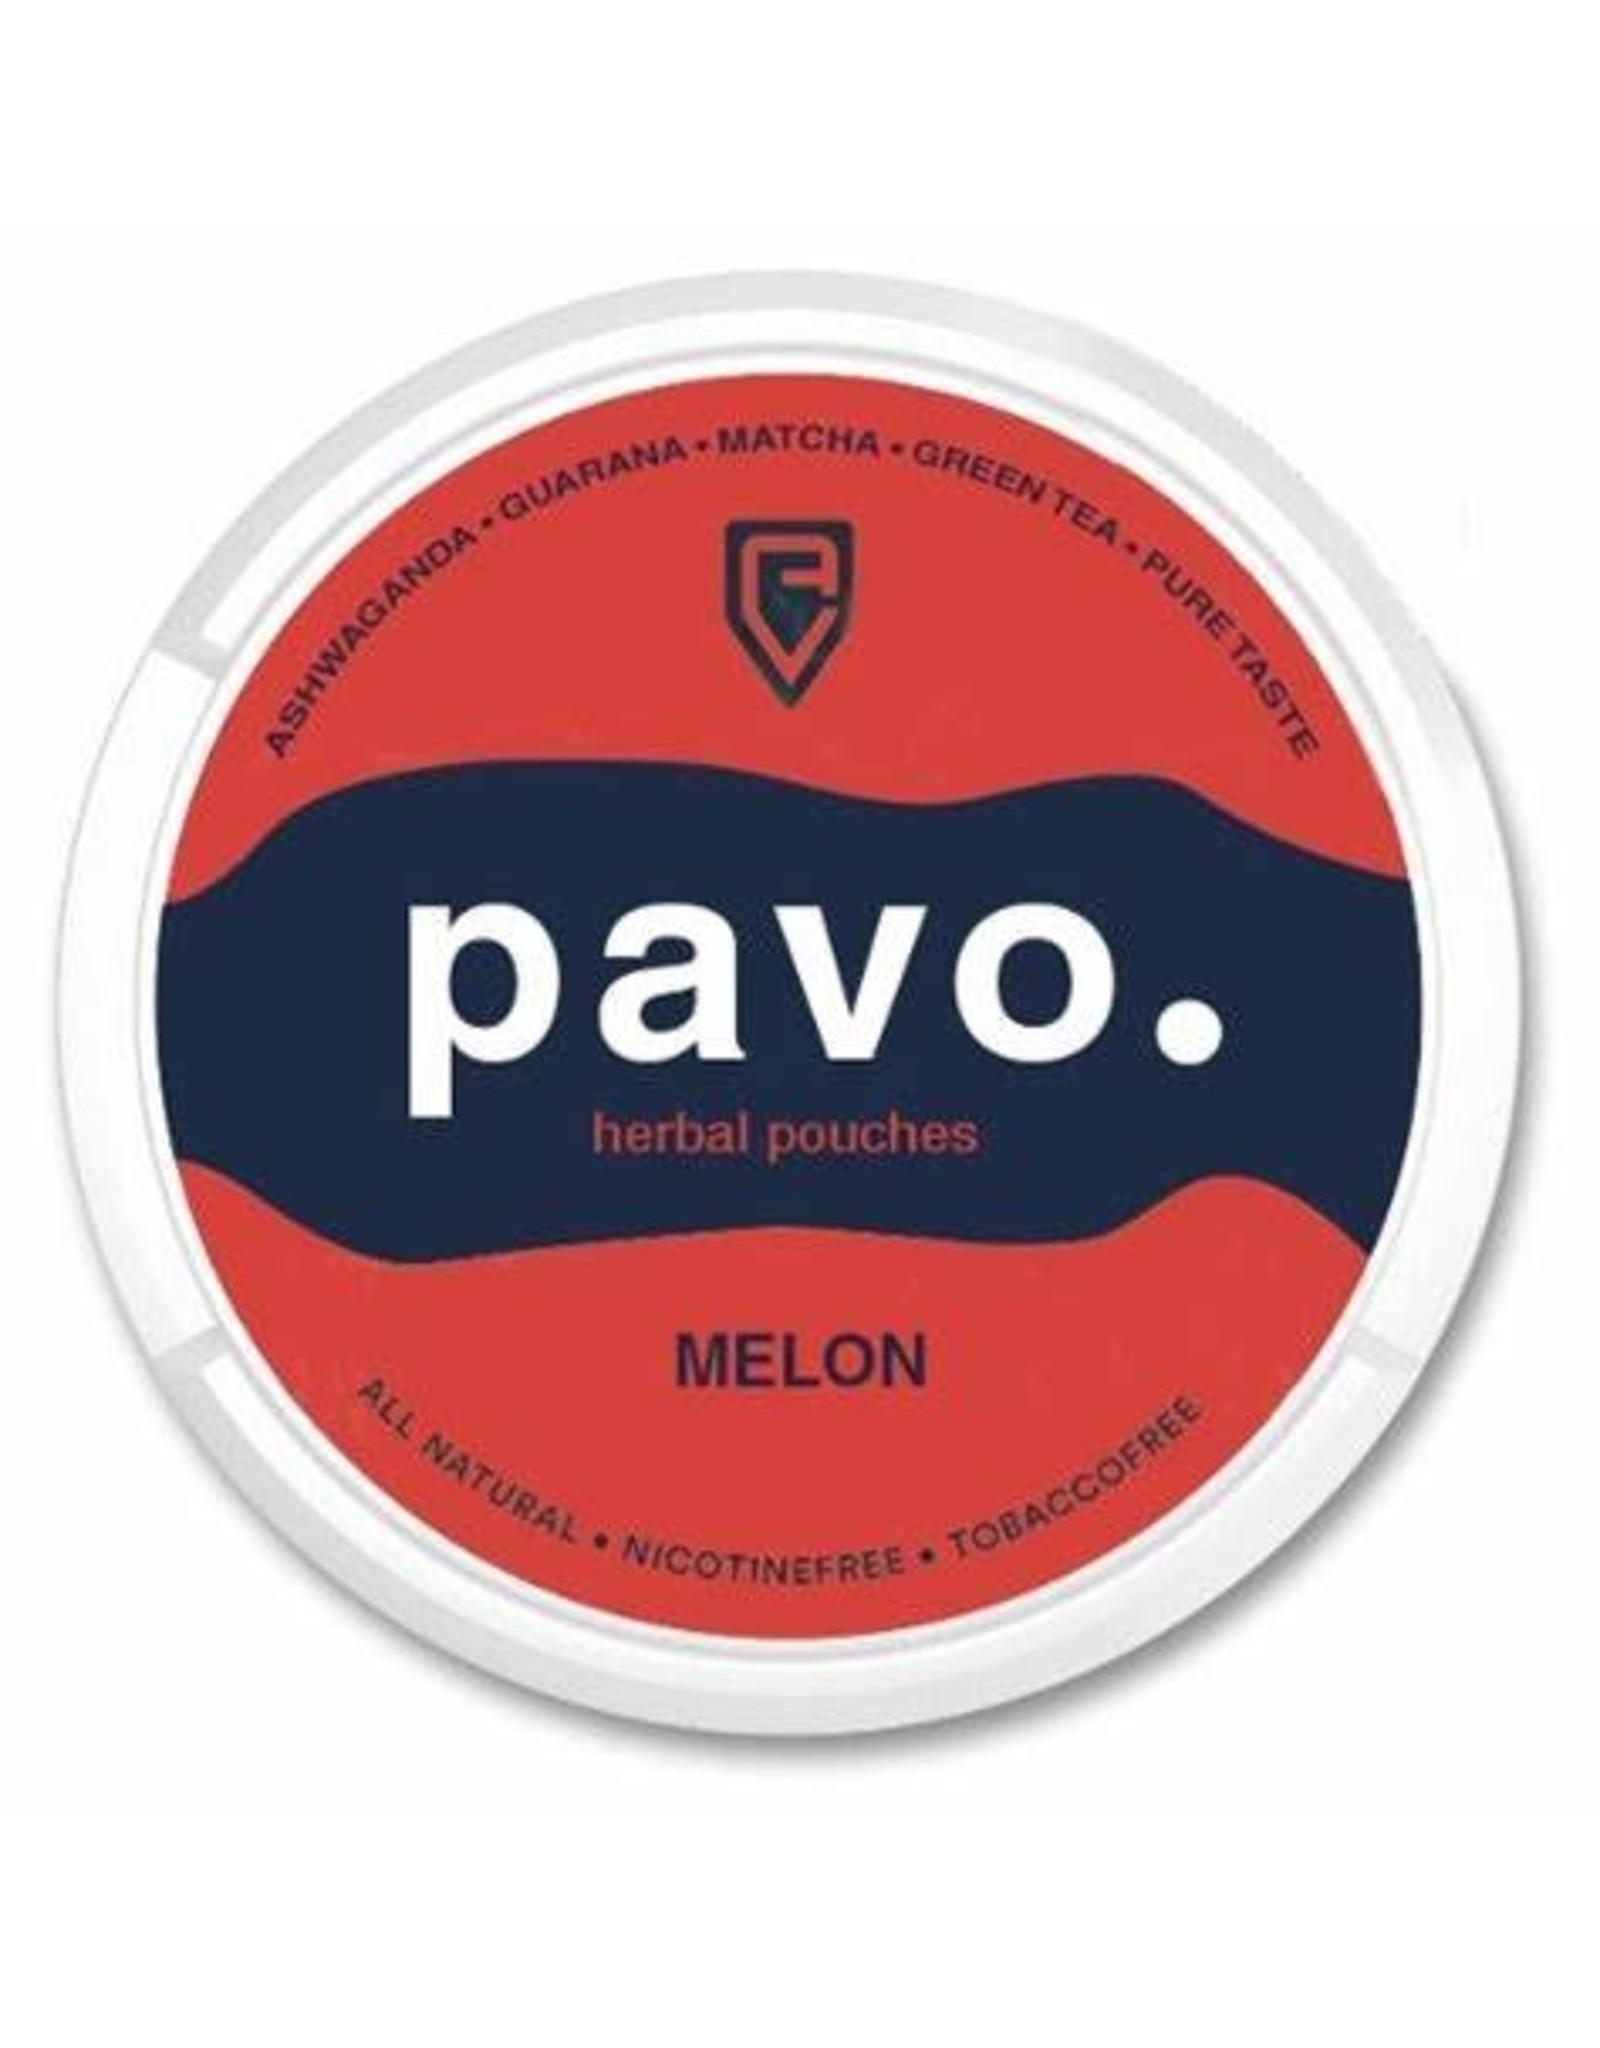 PAVO PAVO Melon Herbal Pouches